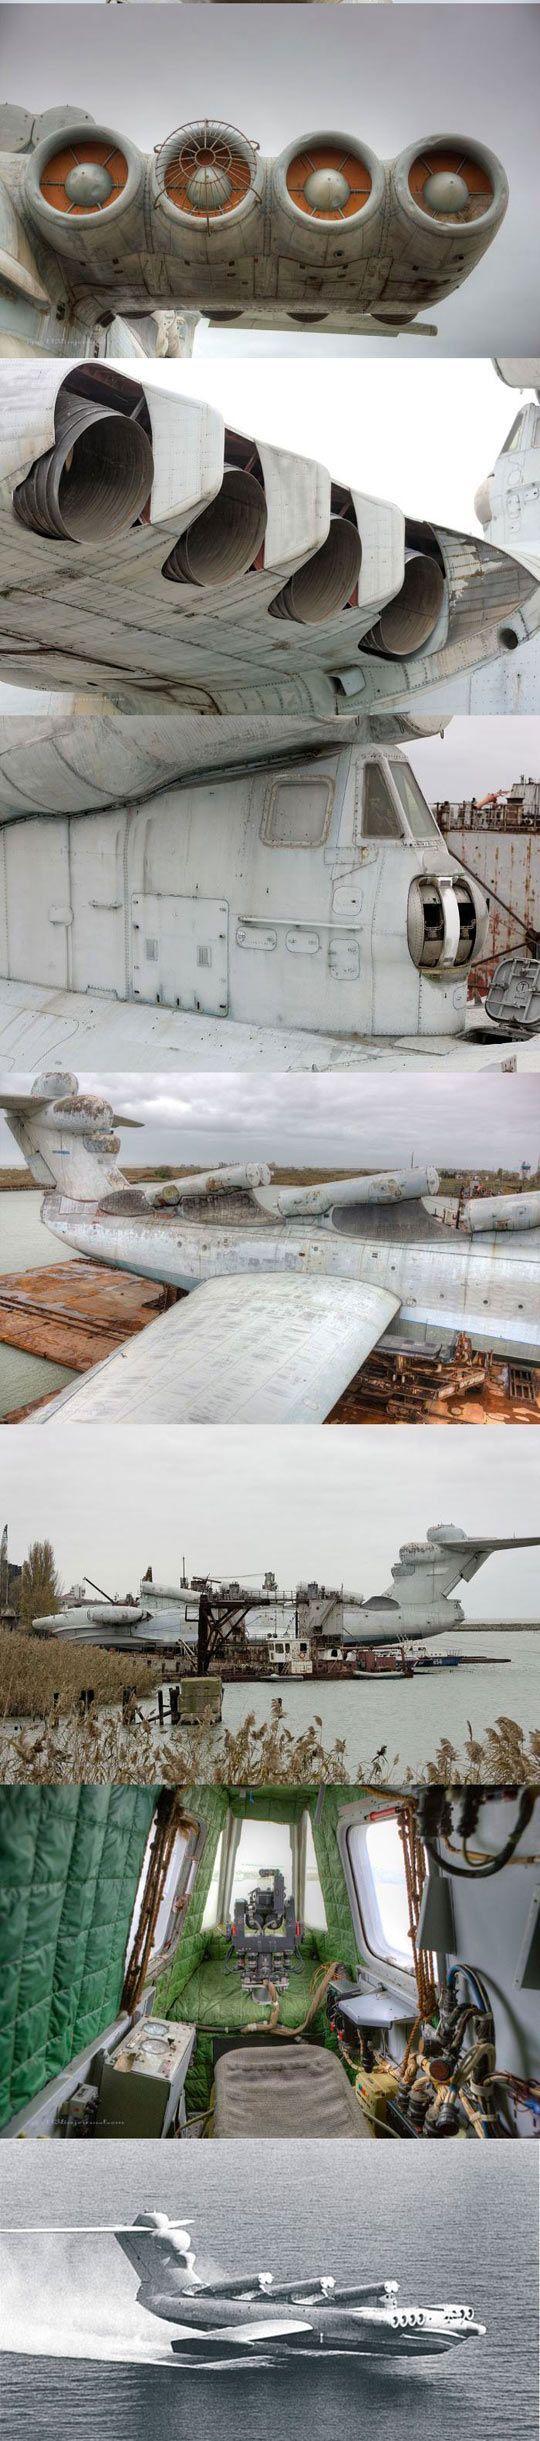 Ekranoplan - Mar Caspio Monstruo - Ala en Efecto de Tierra